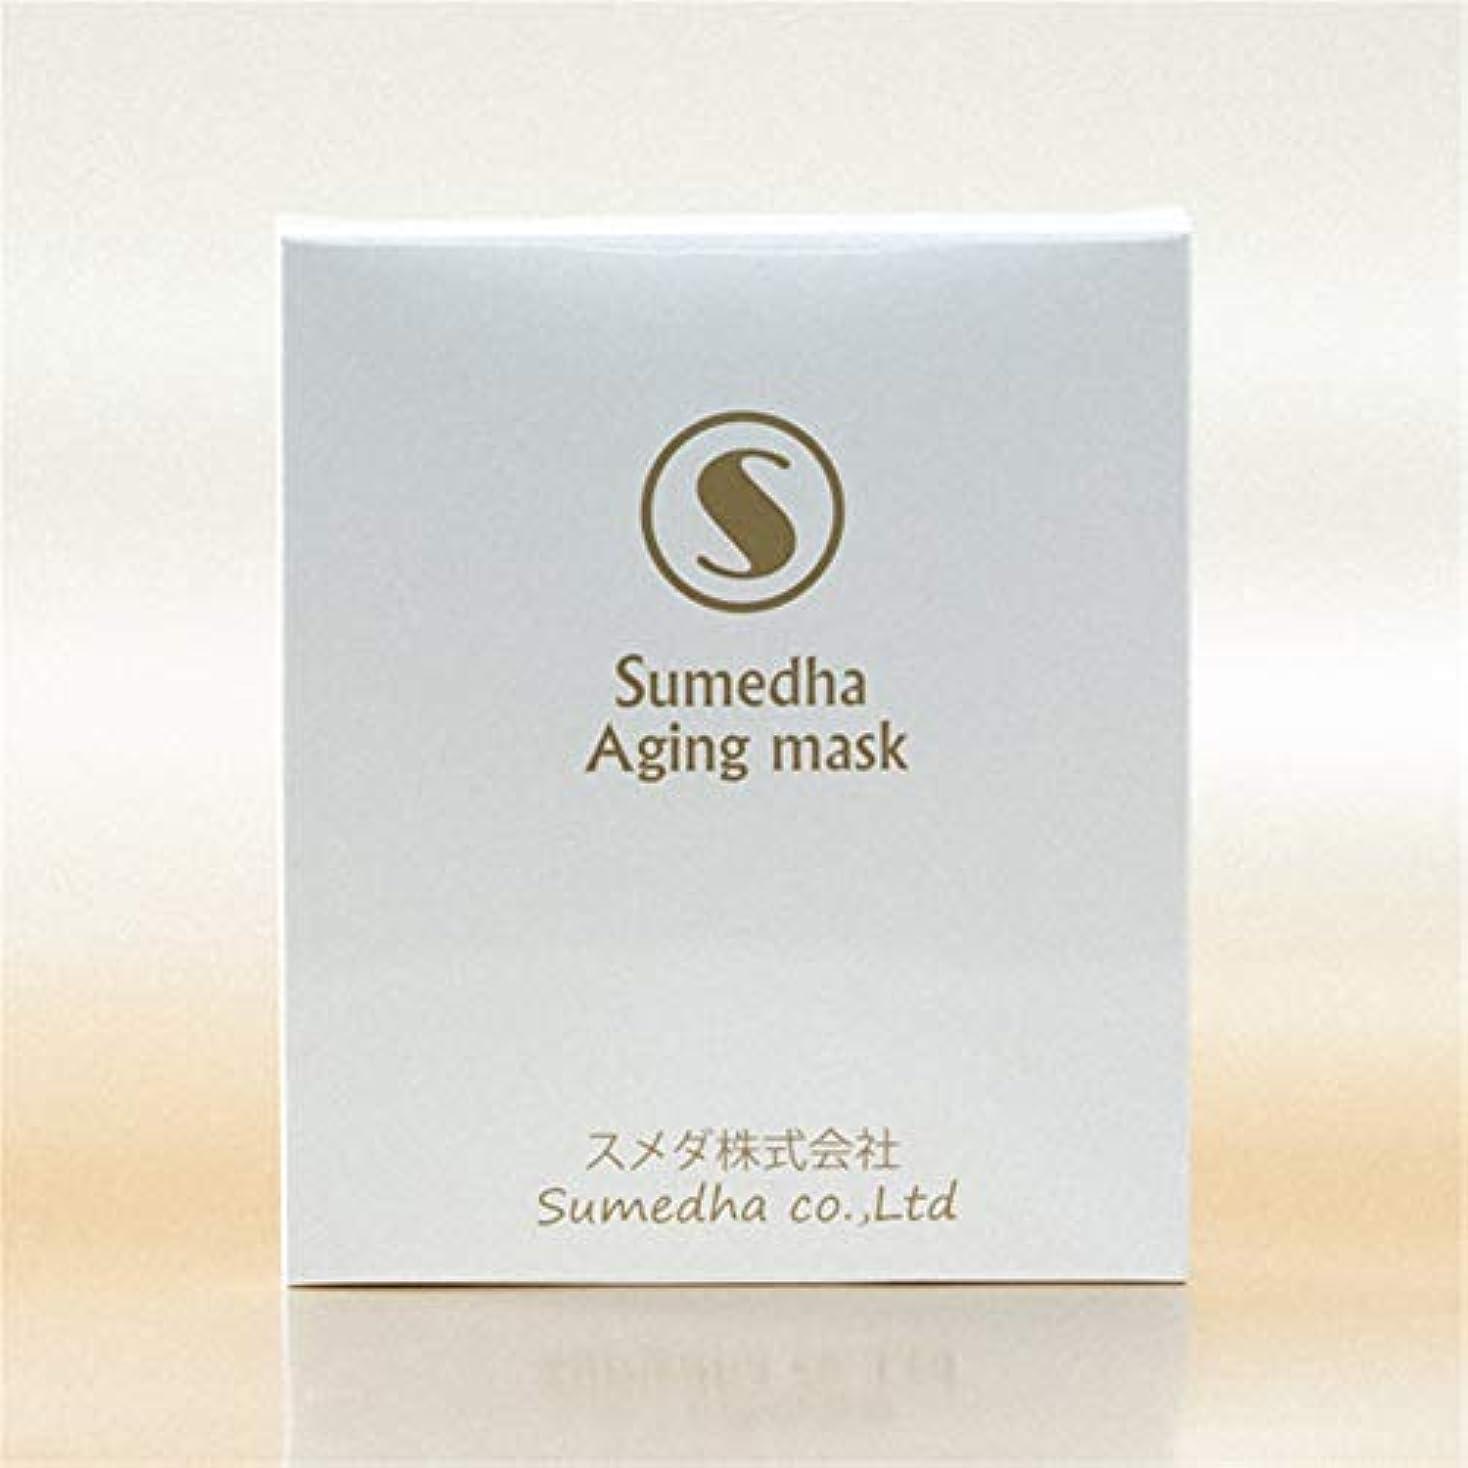 一次シミュレートするイーウェルフェイスマスク Sumedha パック 保湿マスク 日本製 マスク フェイスパック 3枚入り 美白 美容 アンチセンシティブ 角質層修復 保湿 補水 敏感肌 発赤 アレルギー緩和 コーセー (a)